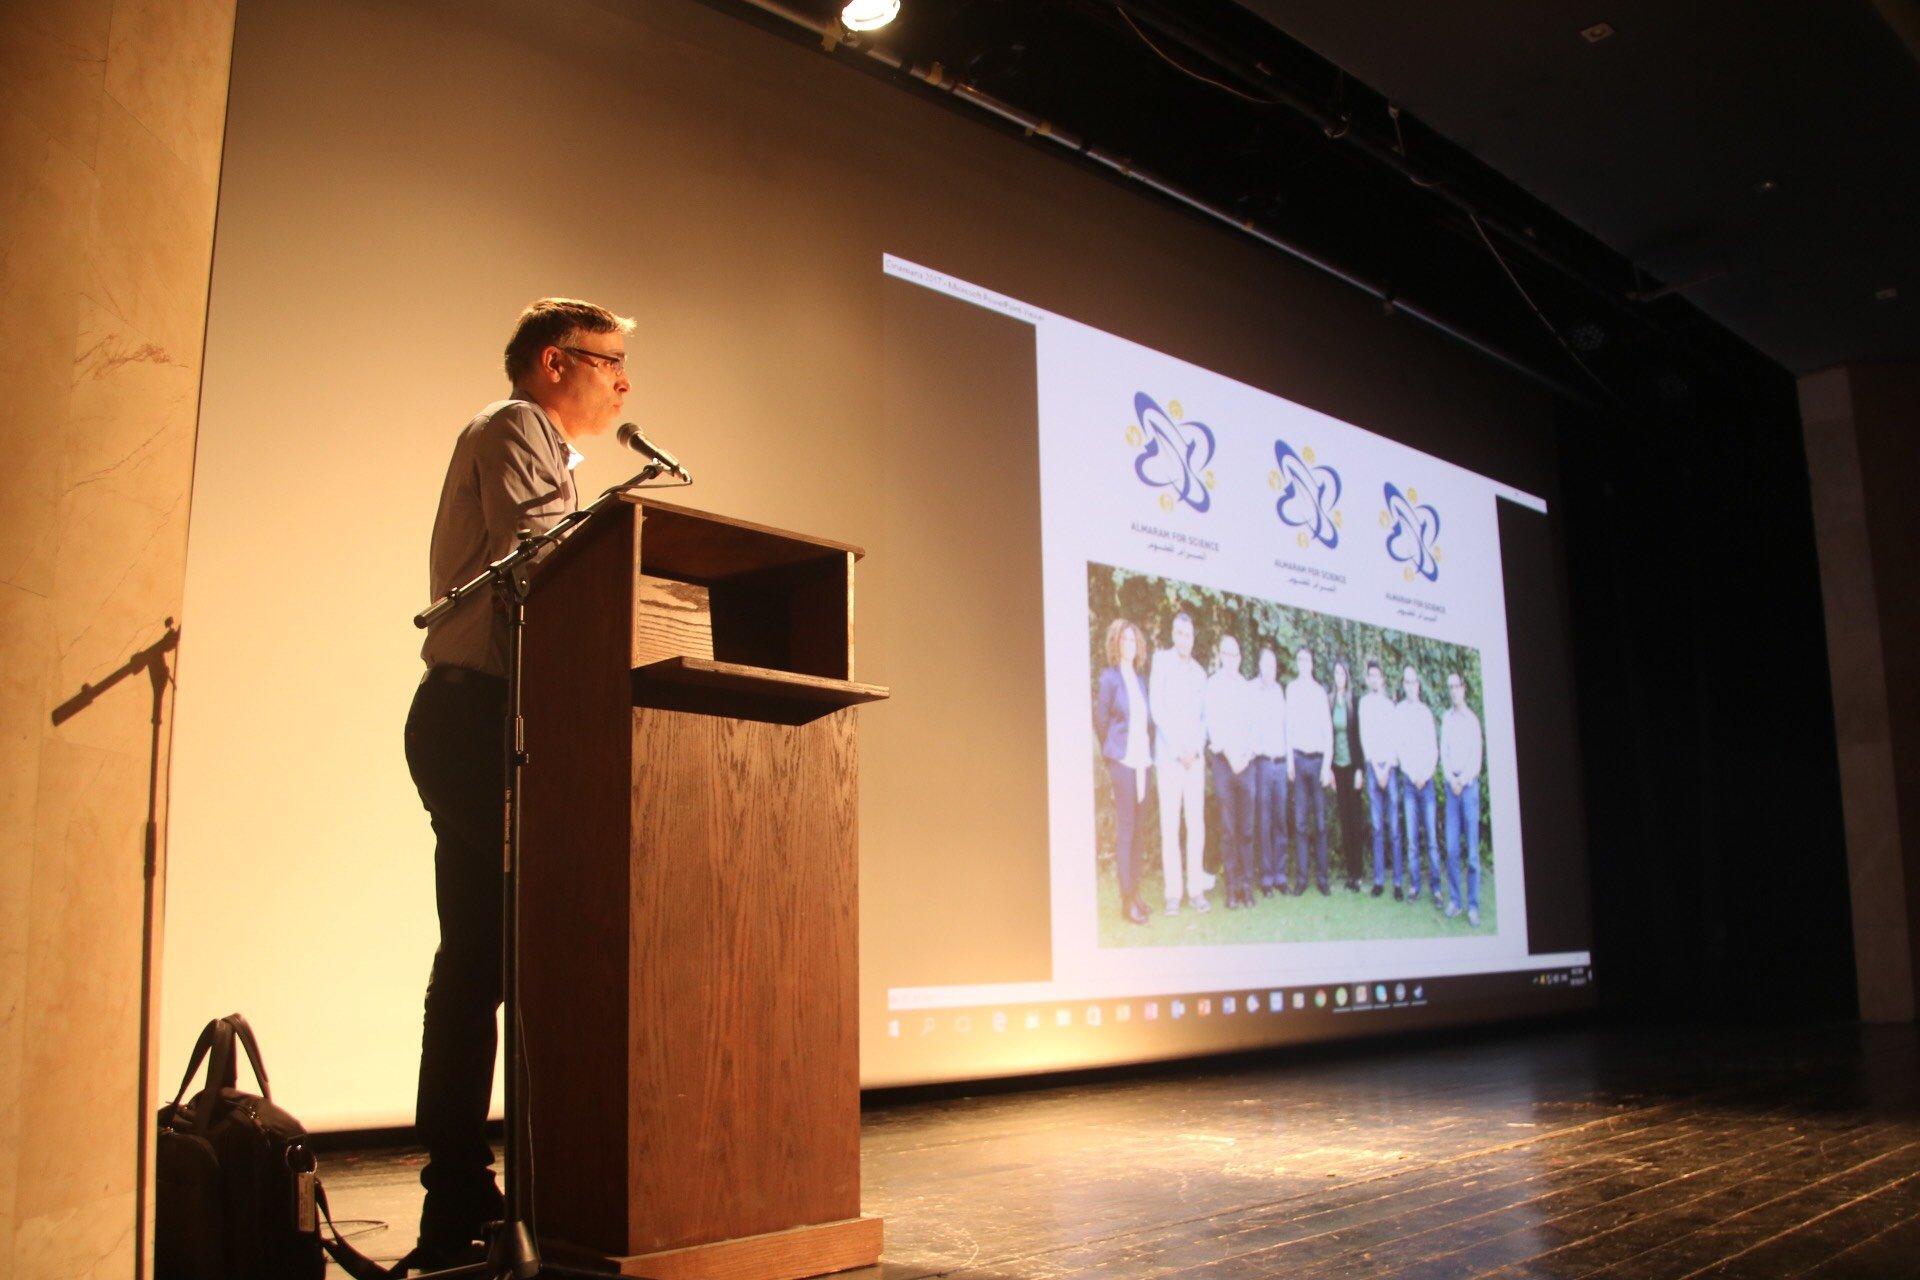 محاضرة للبروفيسور حايك، حول الطب في عام 2050